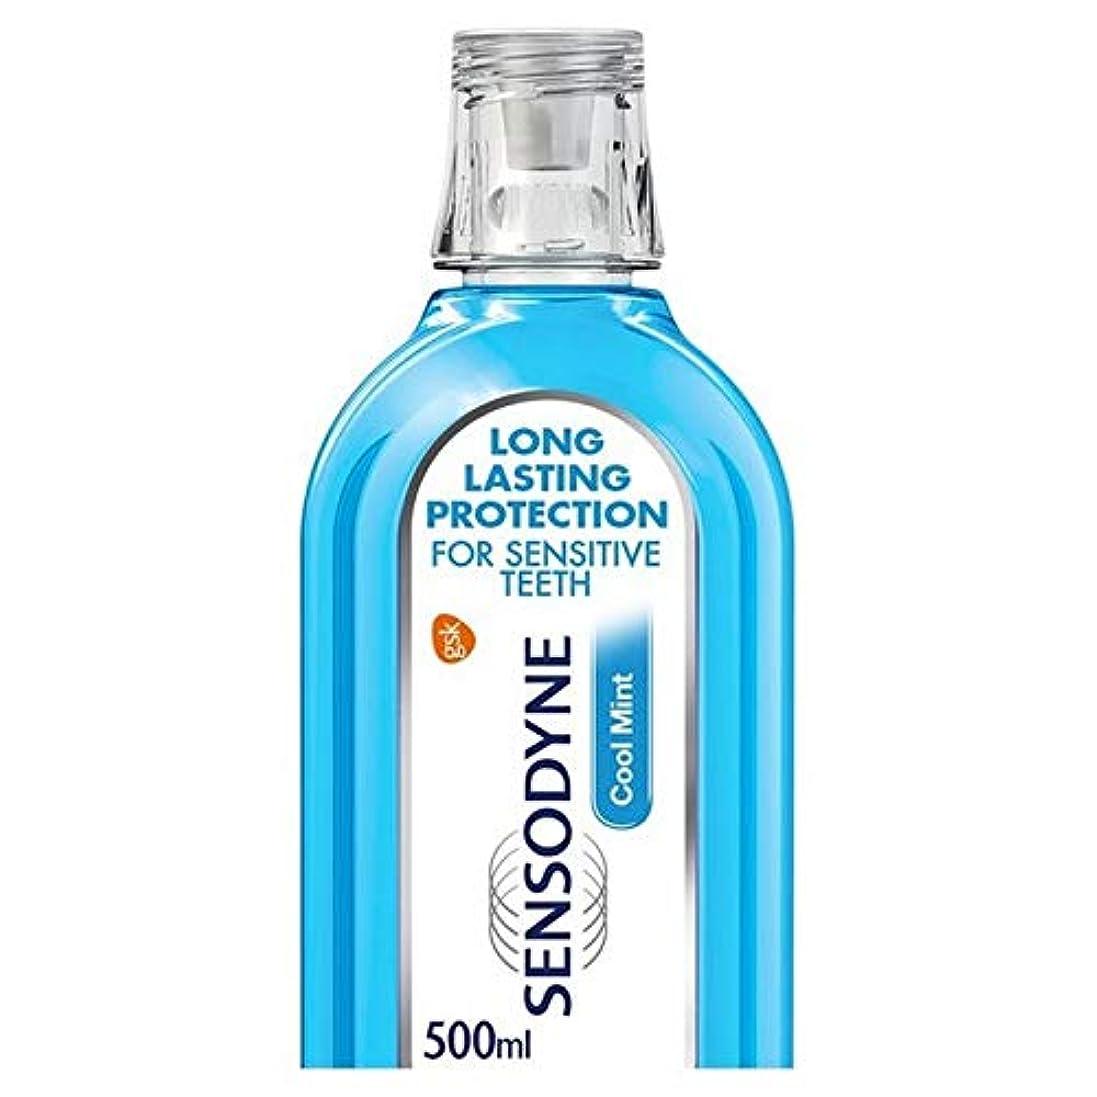 蒸し器すきボックス[Sensodyne] Sensodyneクールミント敏感ケアマウスウォッシュ500ミリリットル - Sensodyne Cool Mint Sensitive Care Mouthwash 500ml [並行輸入品]